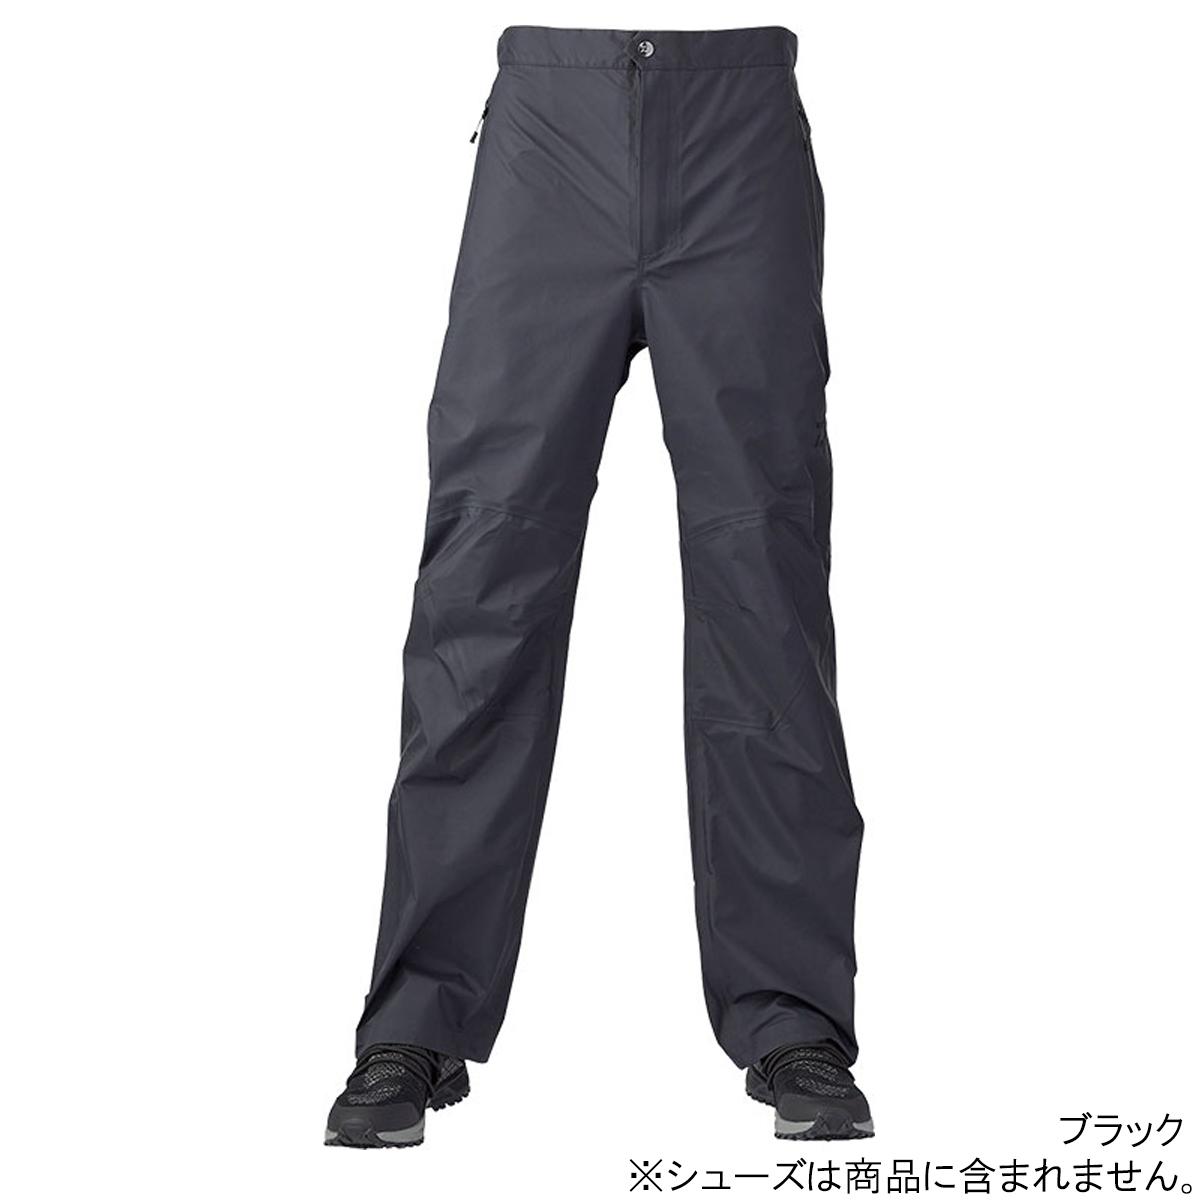 ダイワ レインマックス レインパンツ DR-25020P L ブラック(東日本店)